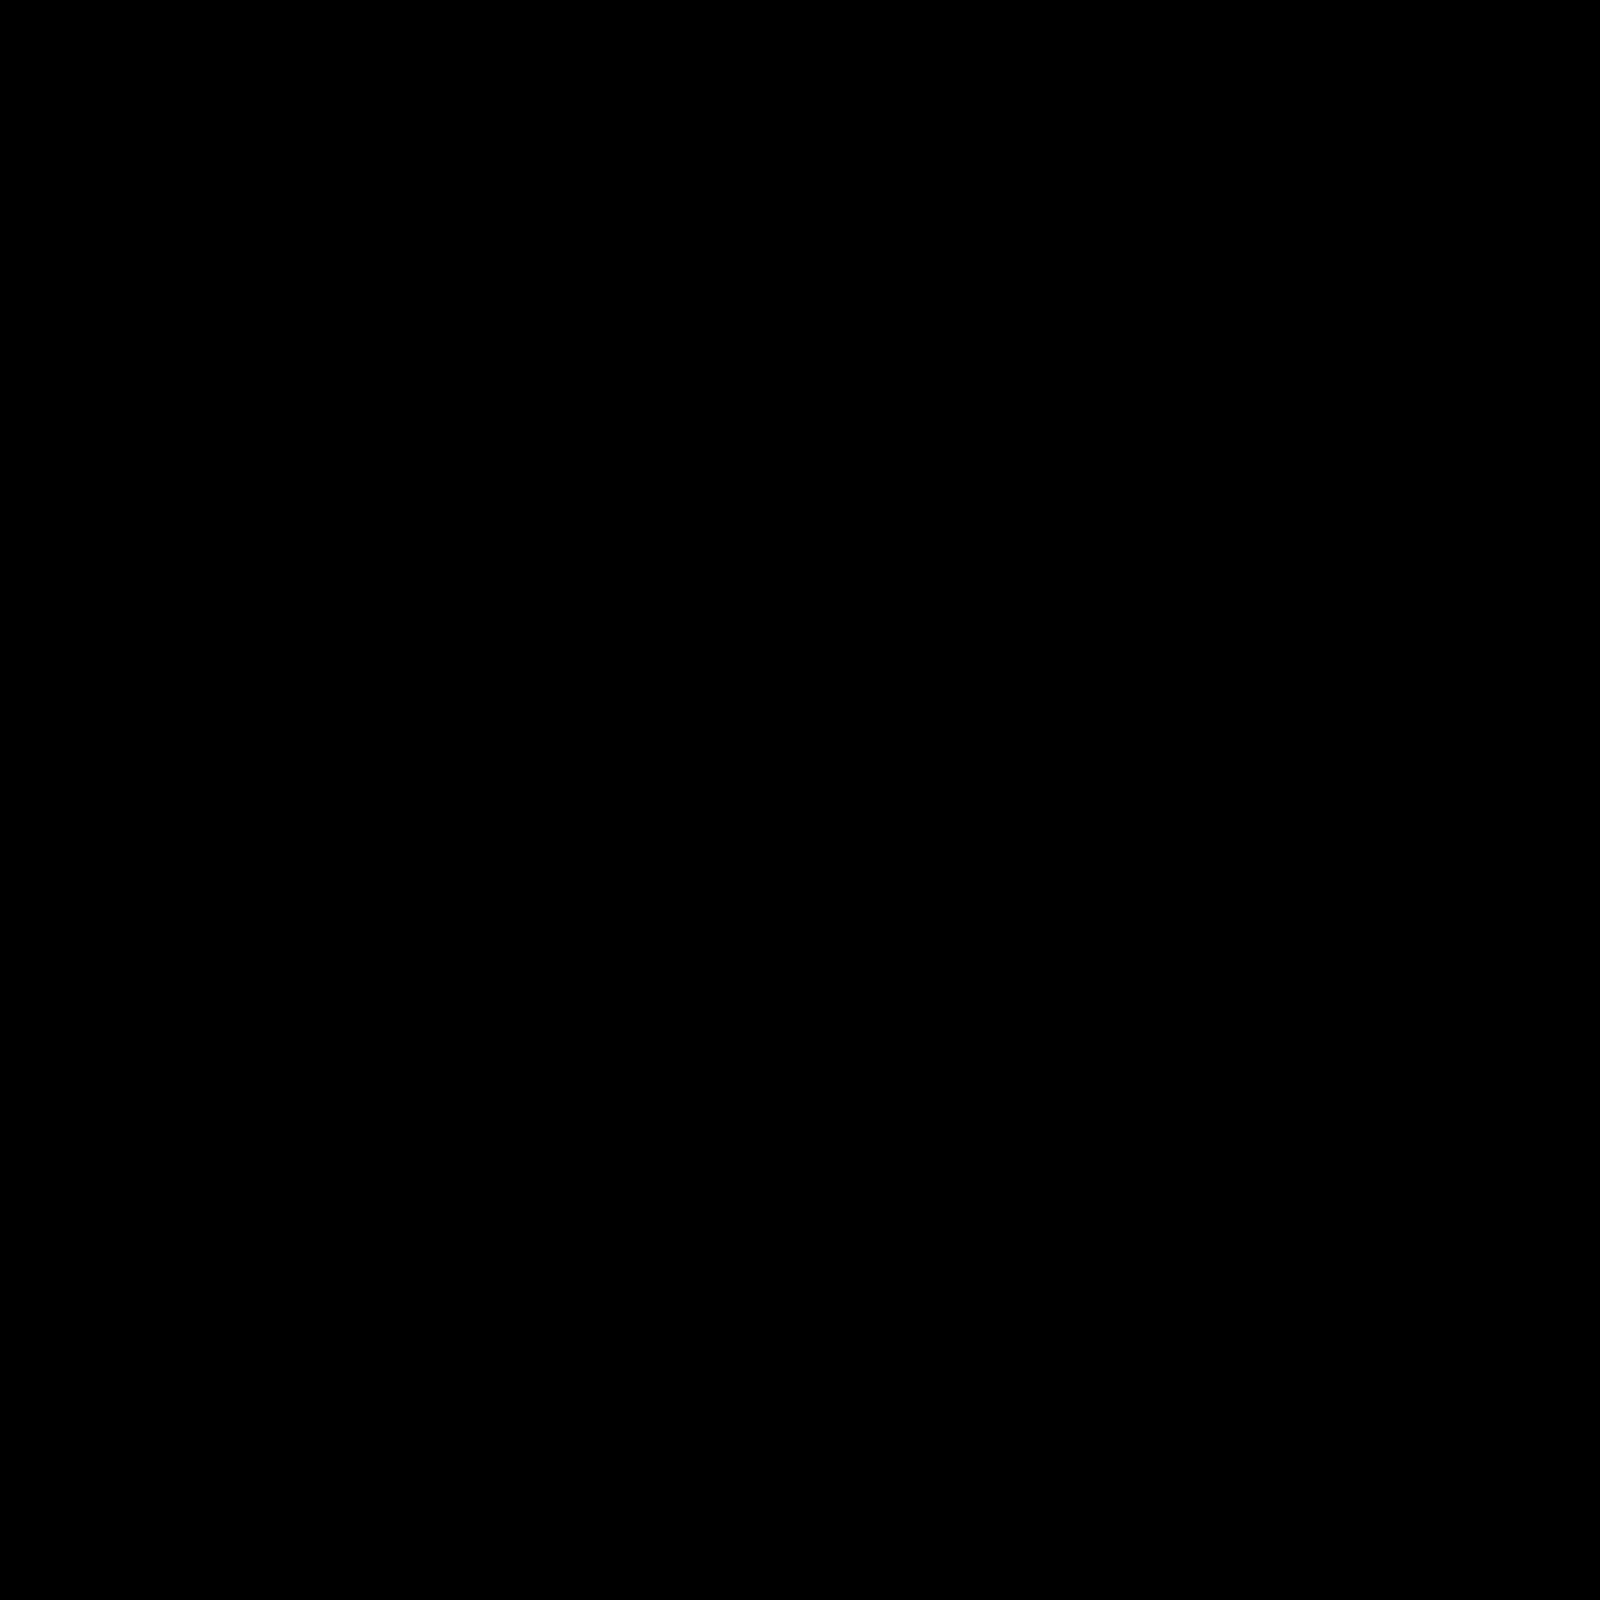 """元のサイズ icon. The icon is a rounded horizontal rectangle. On this card is inscribed """"1:1"""", as tall as two thirds of the rectangle's height, representing a zoom ratio indicative of the icon's original size. The icon represents setting the zoom level to the original level."""